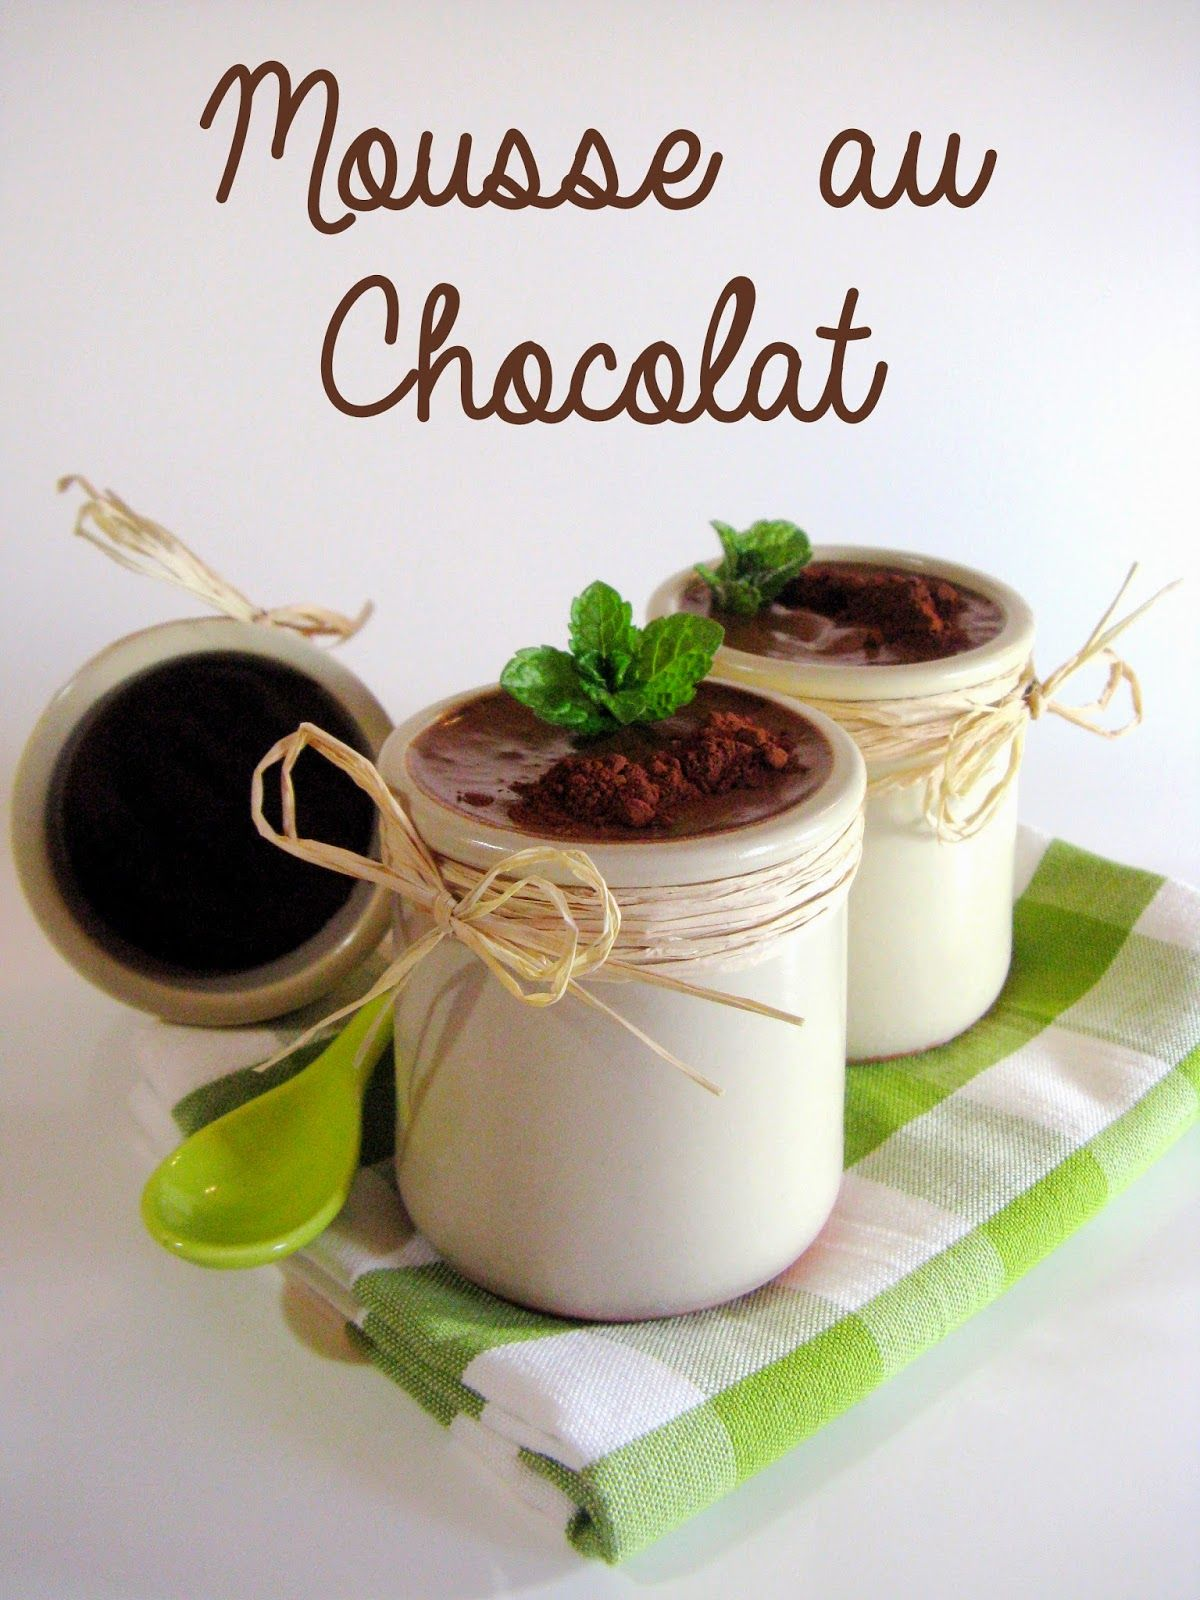 """J'en reprendrai bien un bout...: Mousse au Chocolat """"* Pour 6 ramequins individuels *   100 g de crème liquide entière 250 g de chocolat noir (de qualité - riche en beurre de cacao) 40 g de jaunes d'oeufs (+/- 2 jaunes) 120 g de blancs d'oeufs (+/- 4 blancs) 1 pincée de Fleur de sel """""""